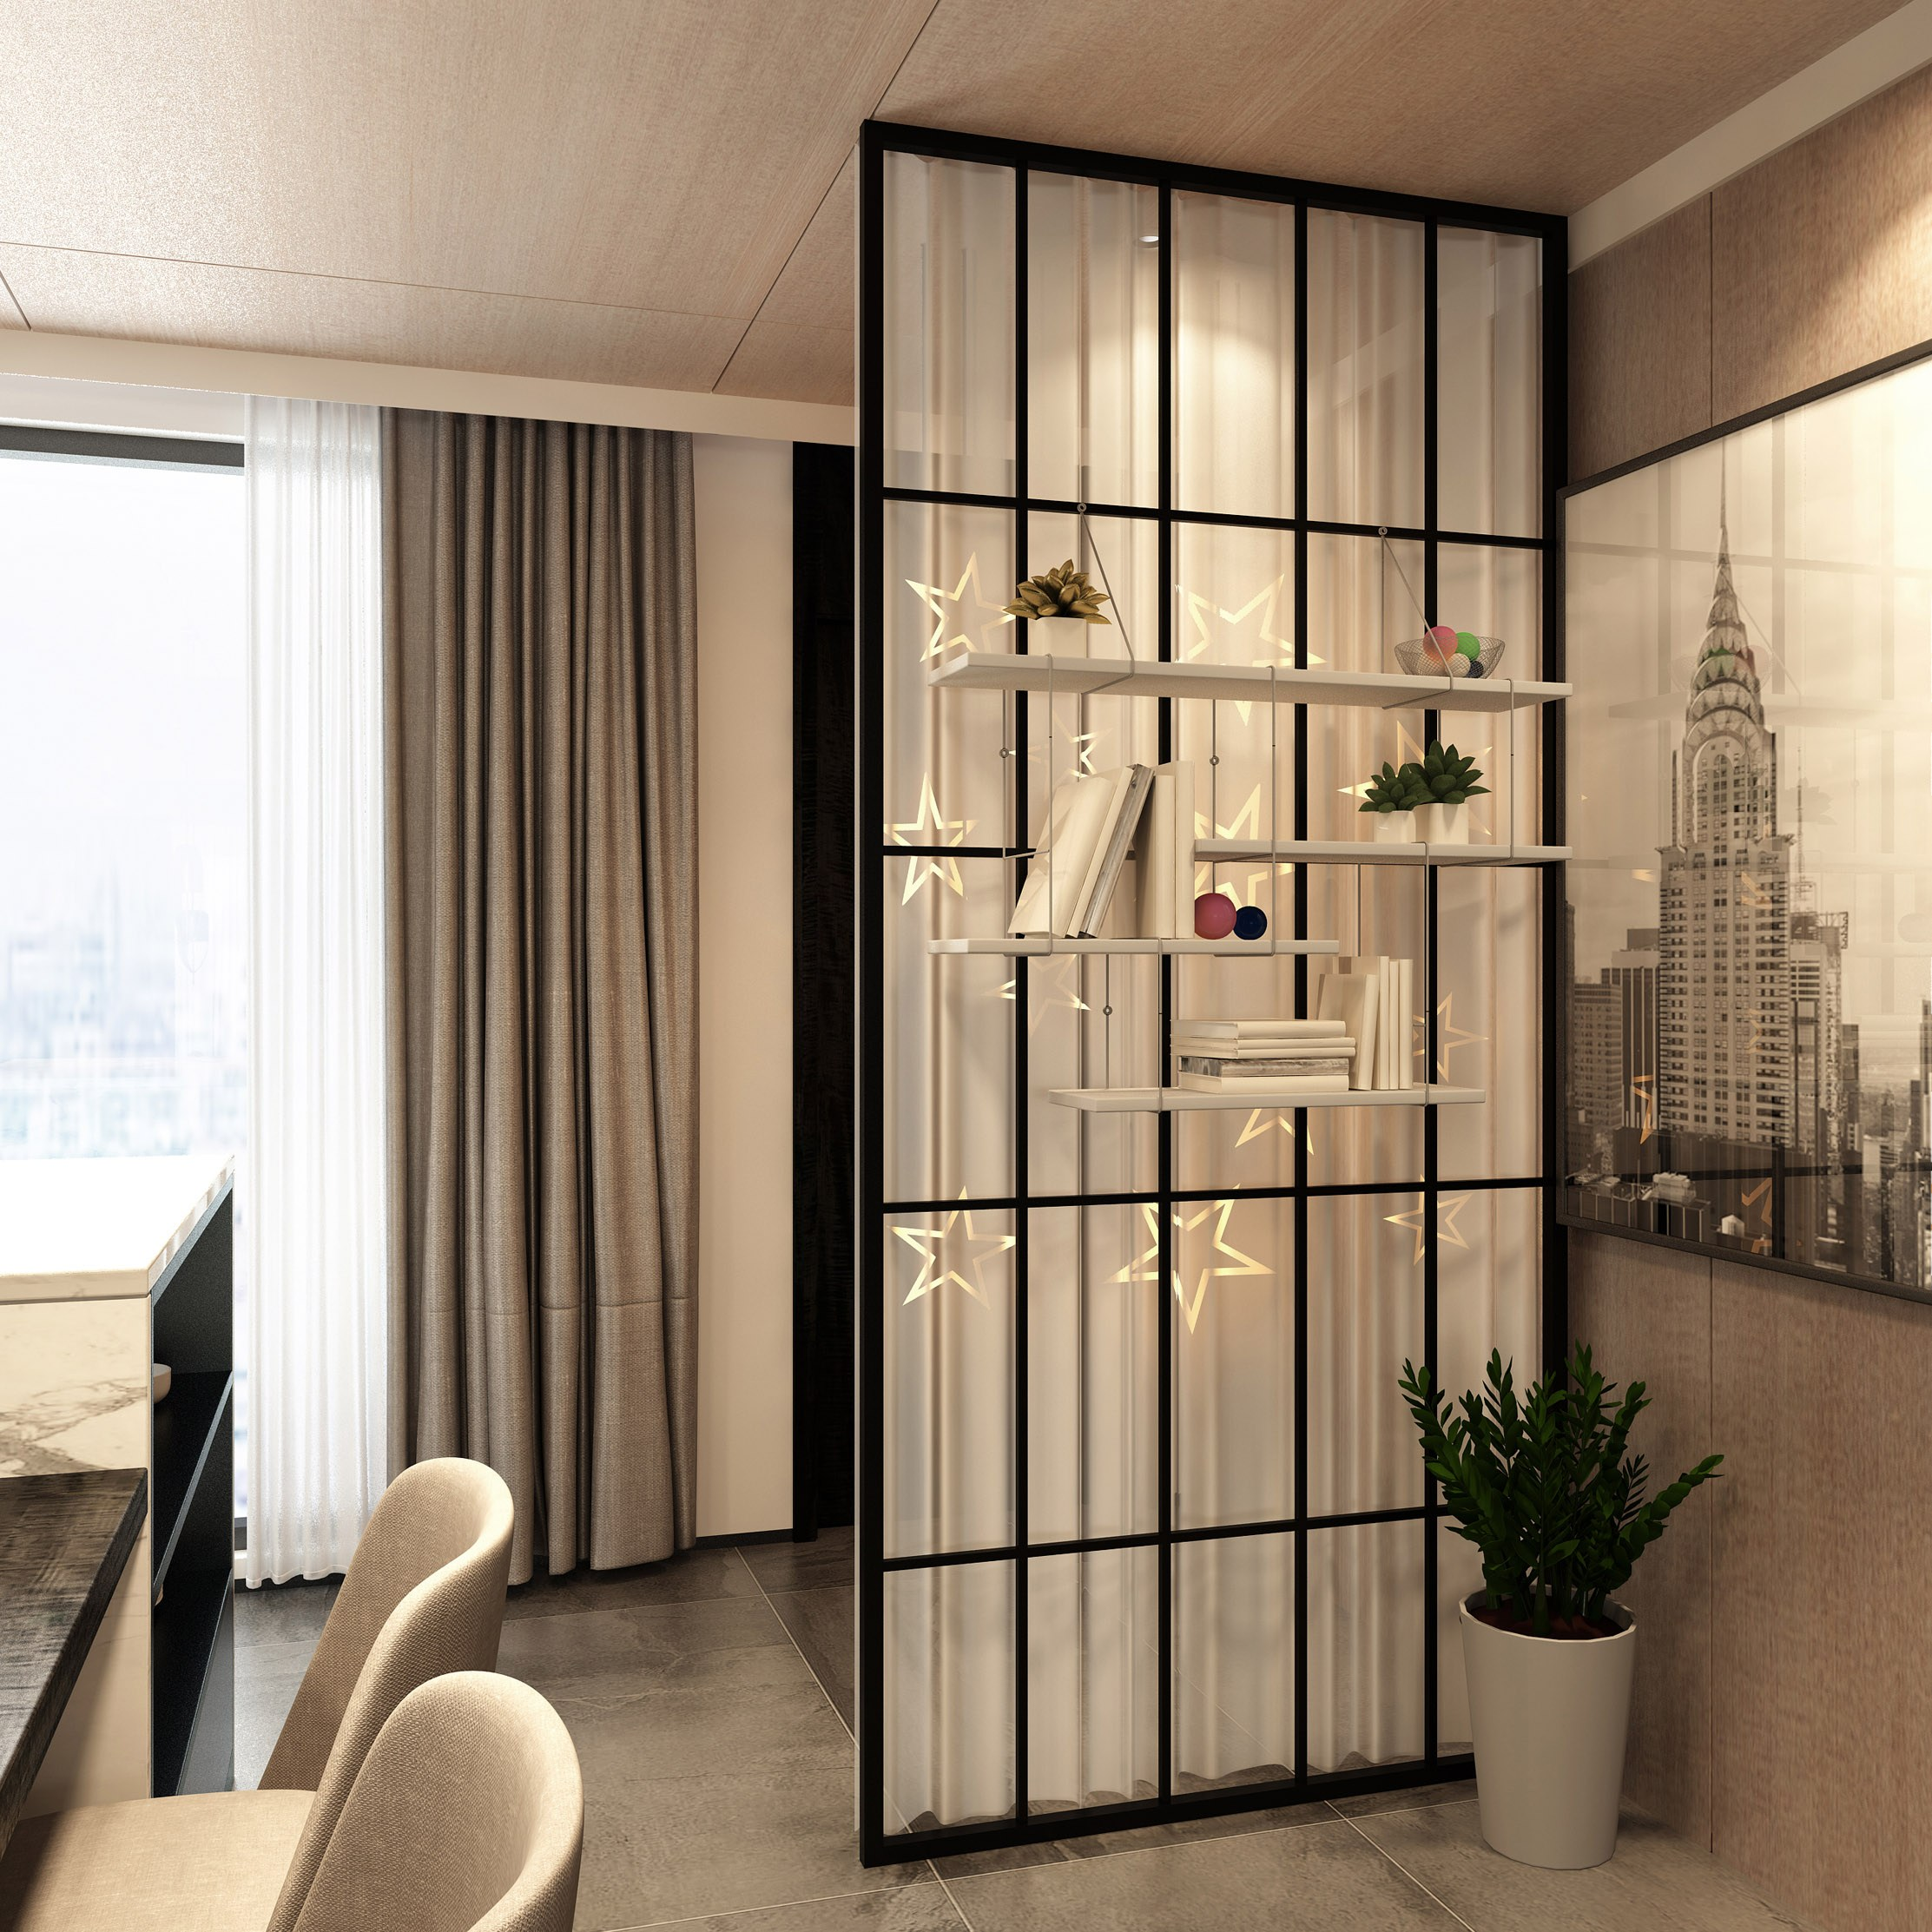 모던디자인 주방 현관 침실 철제가벽 셀프가벽 원룸파티션 경량칸막이, 화이트 90x210